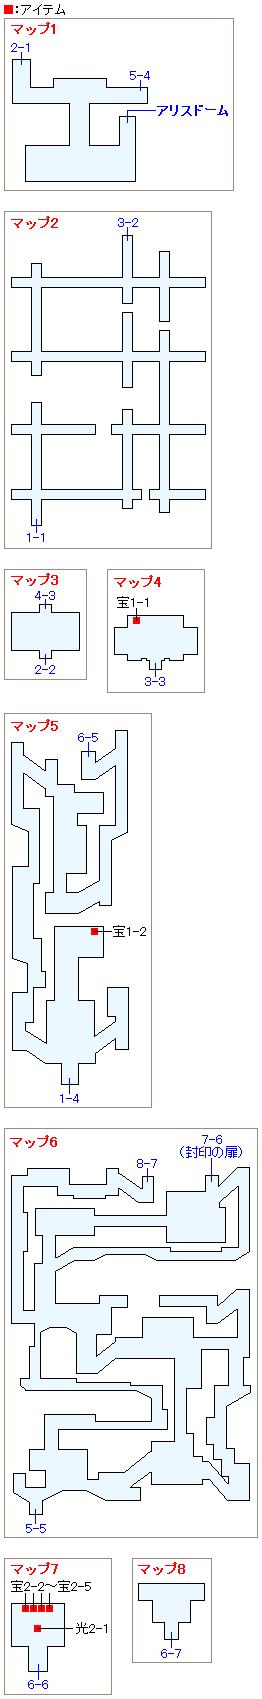 アリスドーム地下のマップ画像